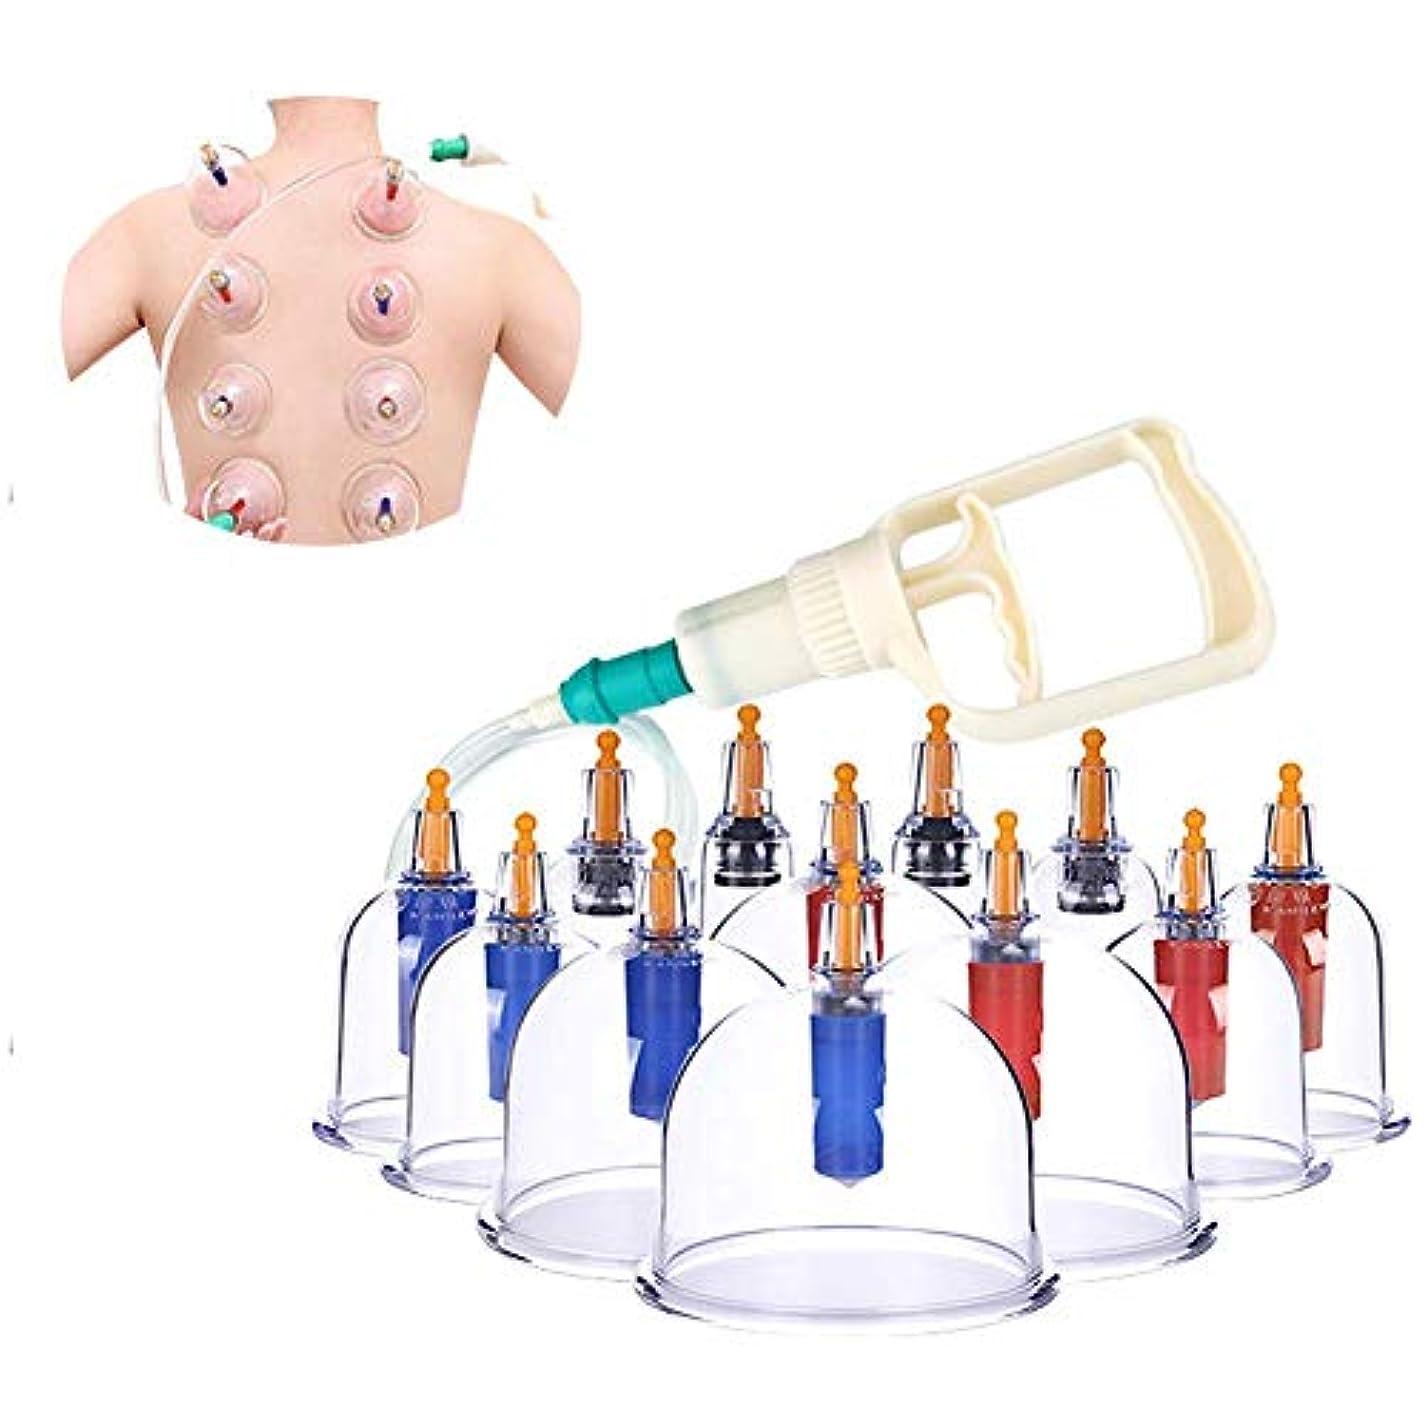 ペニーセンチメンタル解釈的カッピングセラピーセット、真空ポンプとバルブを備えた12個のカッピンググラス、背中の痛みのための自然療法自己治療マッサージ、セルライト、顔、Slim身、腹部